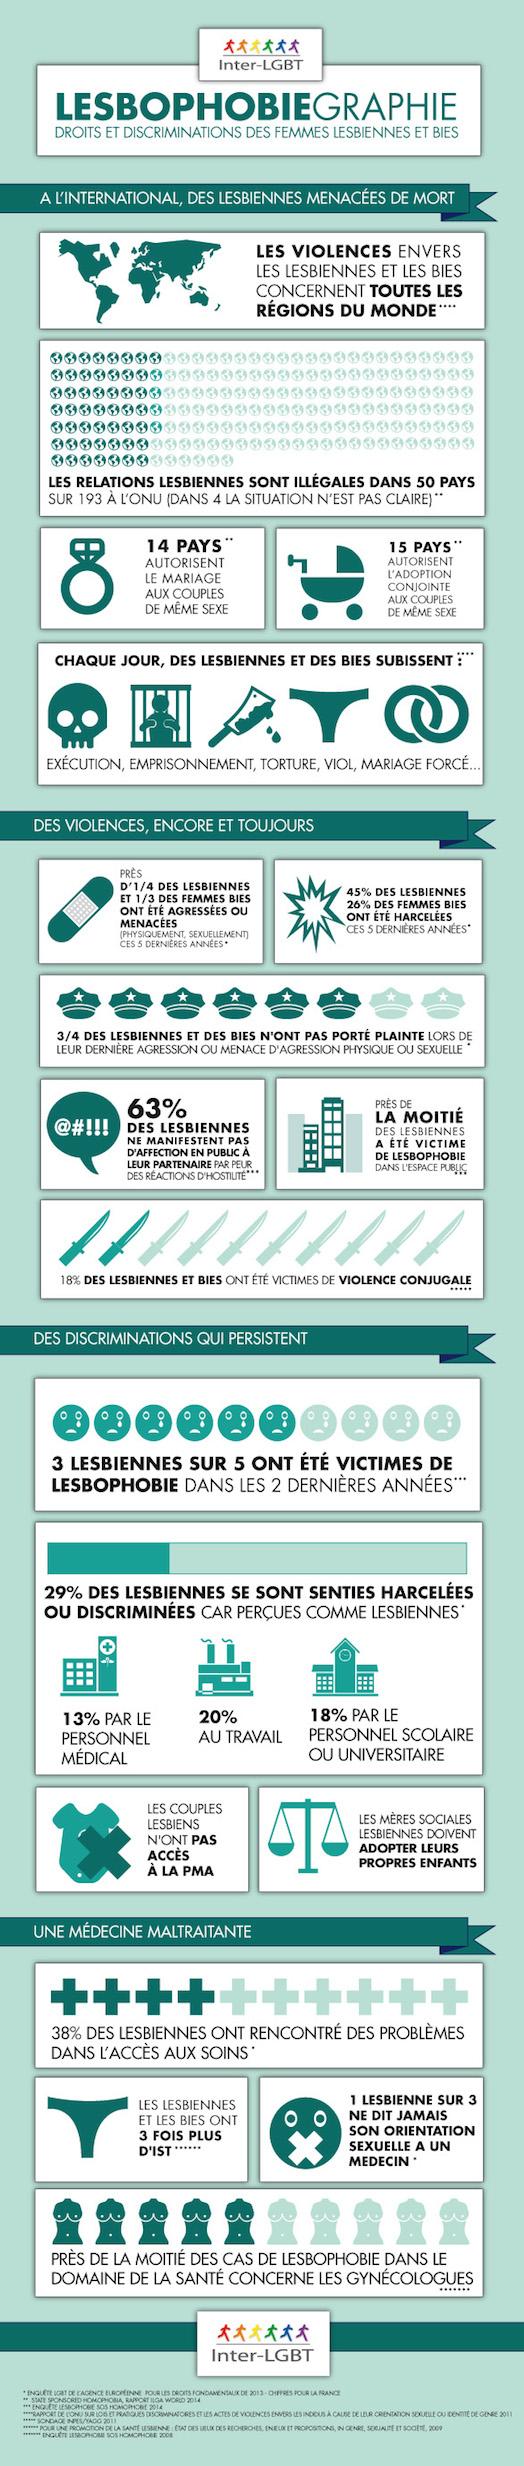 Journée Internationale de la Femme - Spéciale Lesbophobie [infographie]